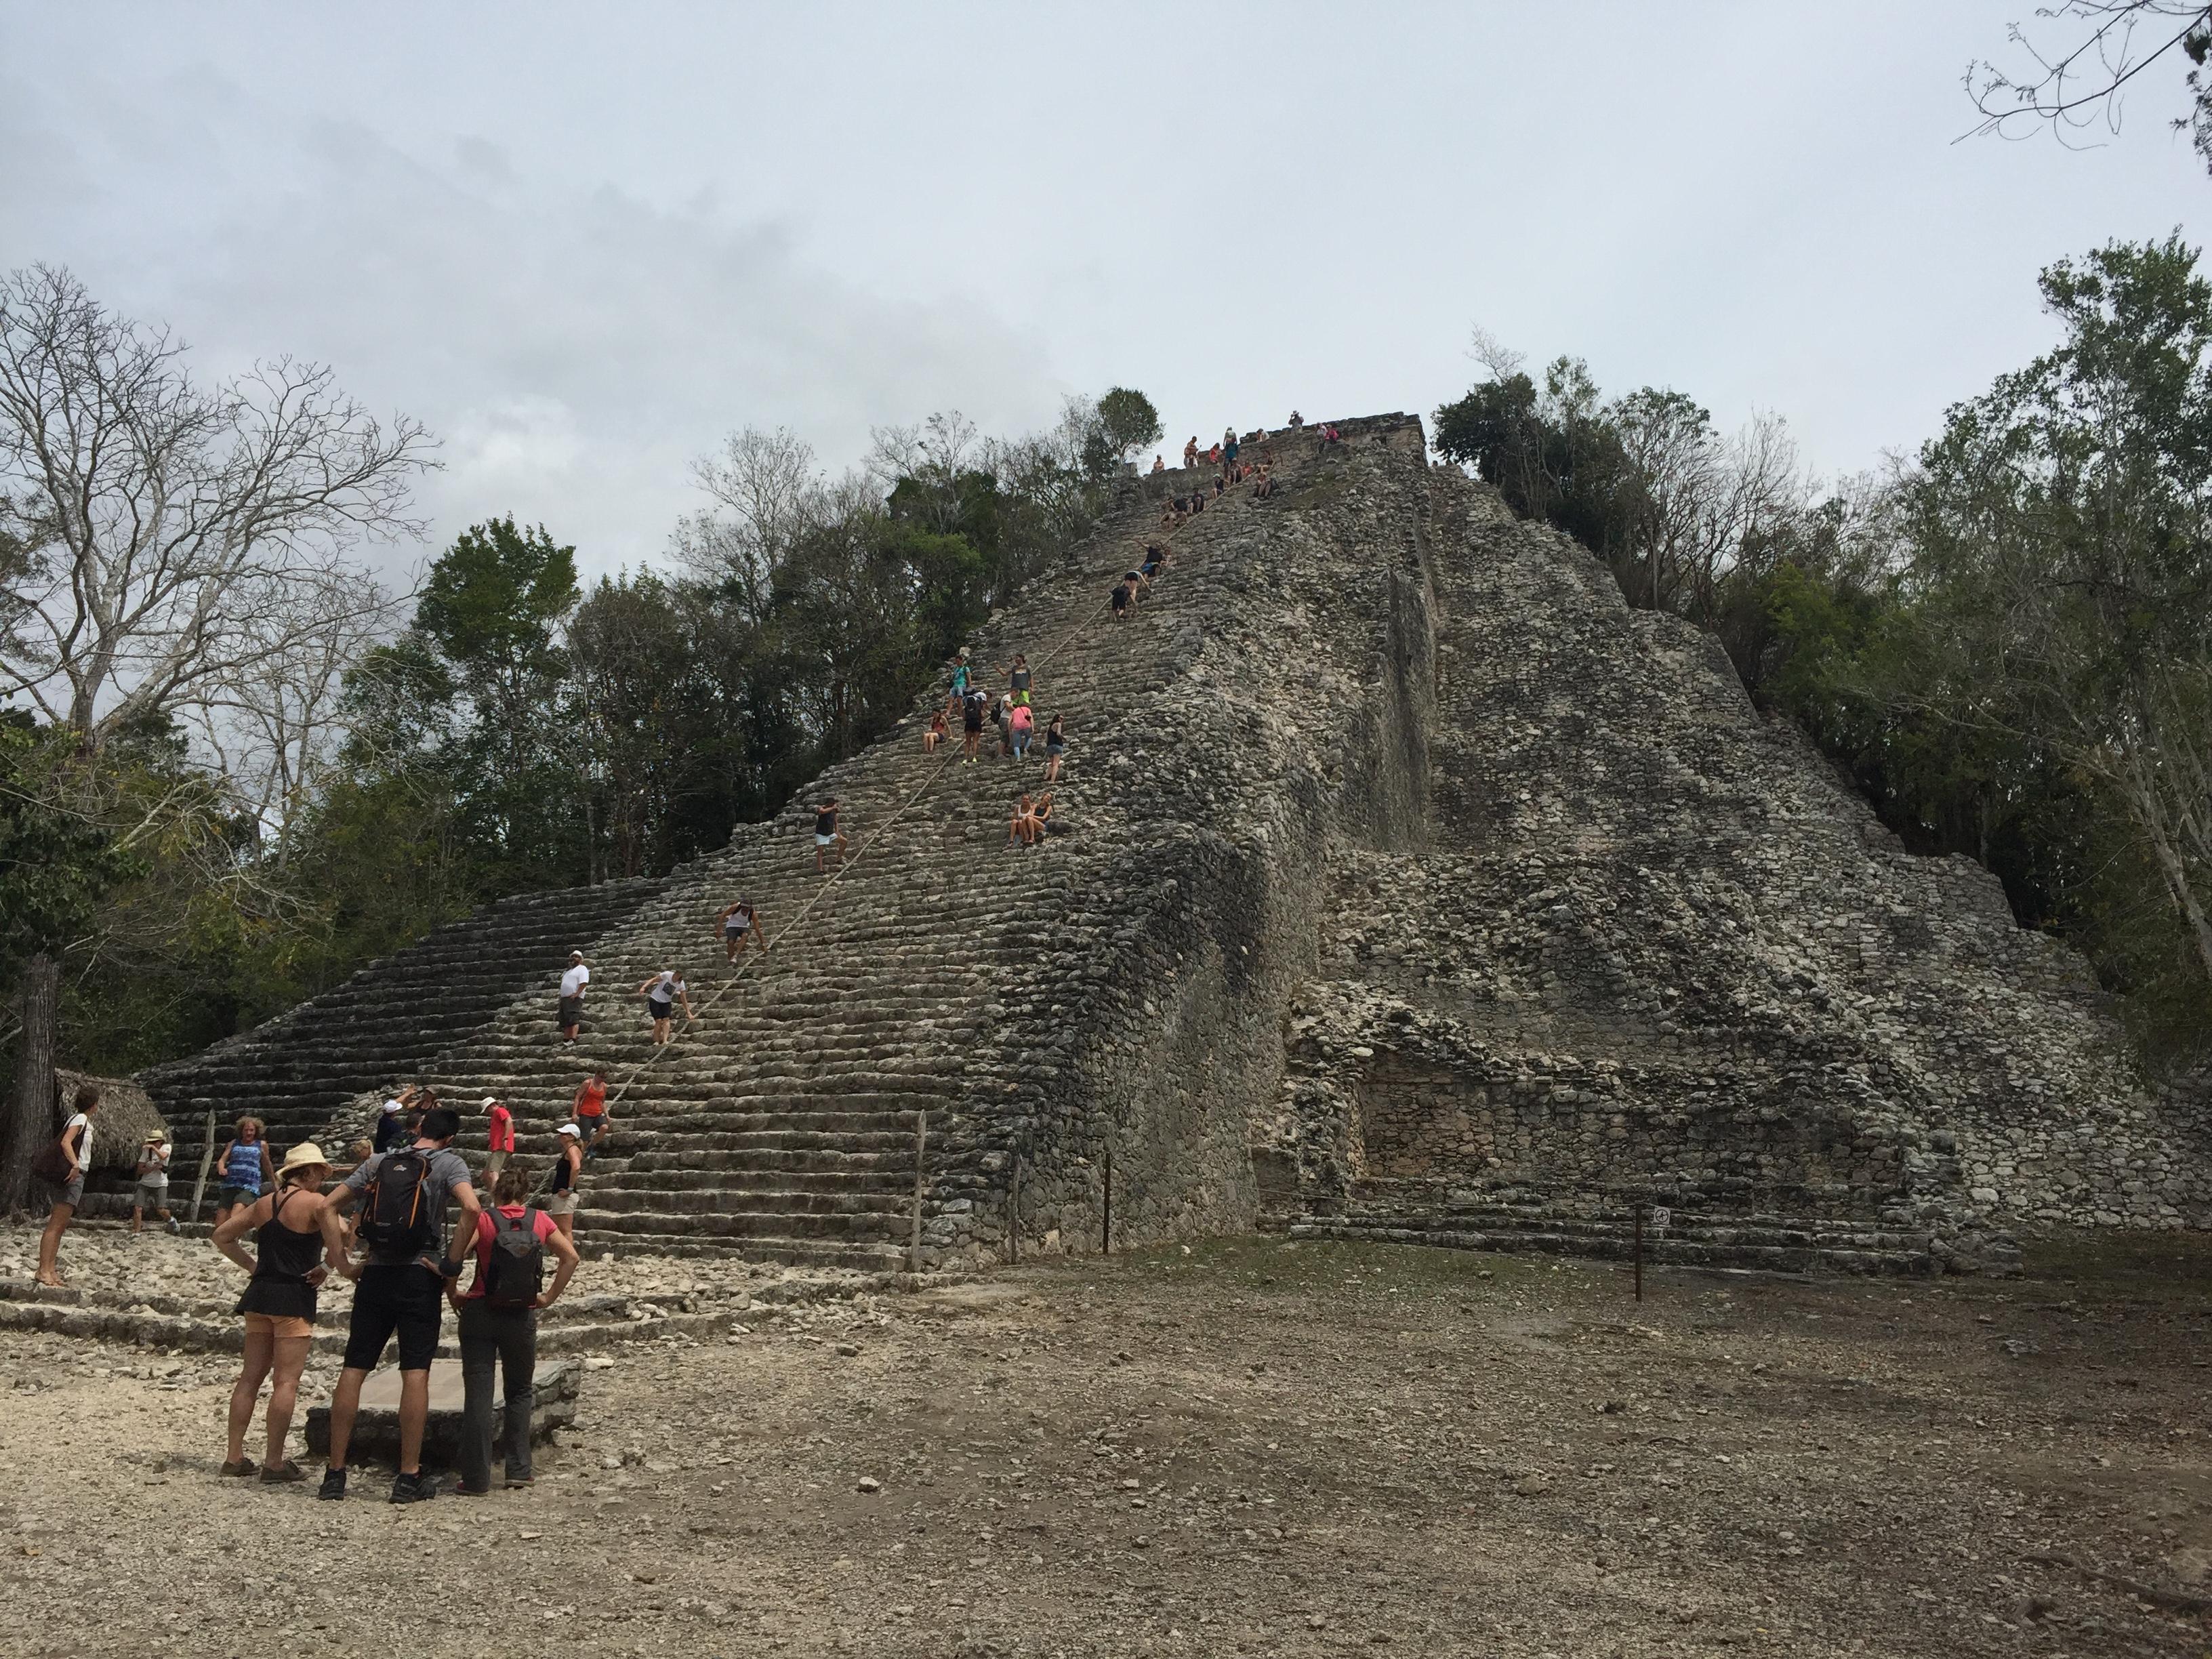 Day 18 – Coba Mayan Ruins, Mexico